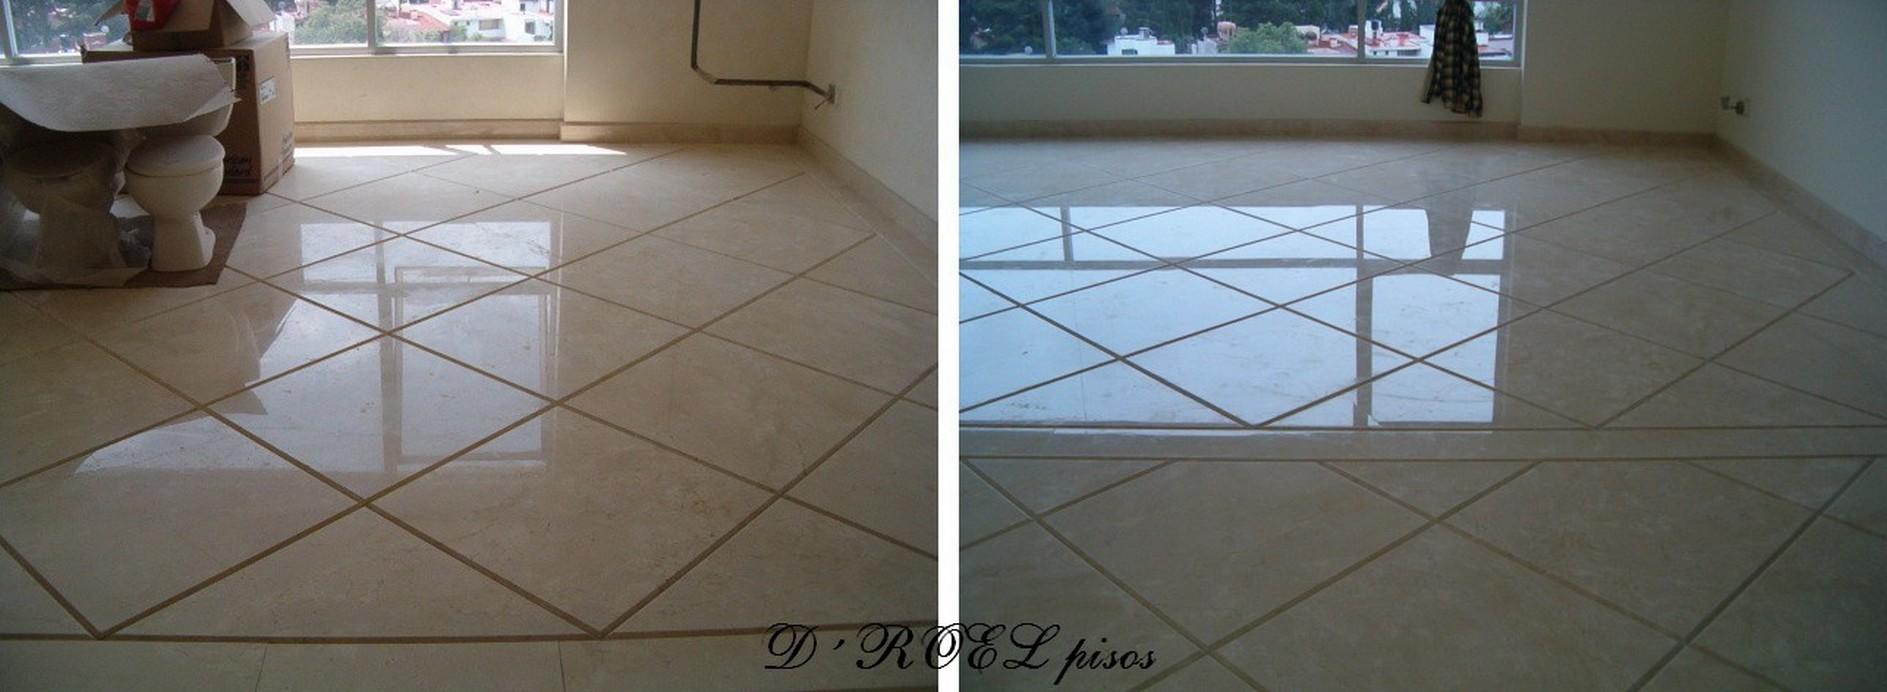 Pulido de pisos de marmol presupuestos gratis for Como limpiar pisos de marmol